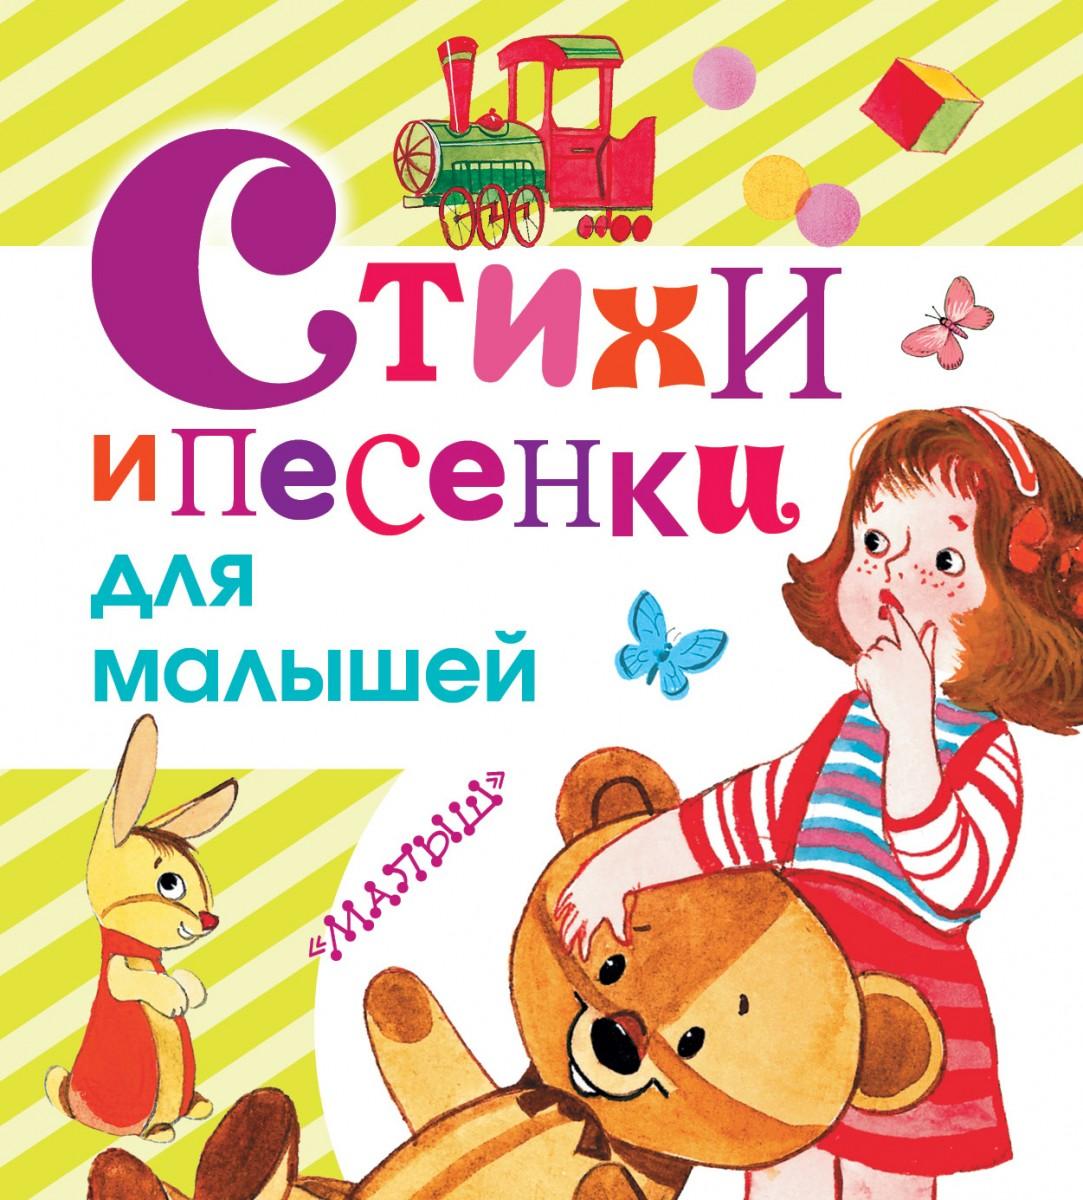 Песенки картинки для малышей, для девочек